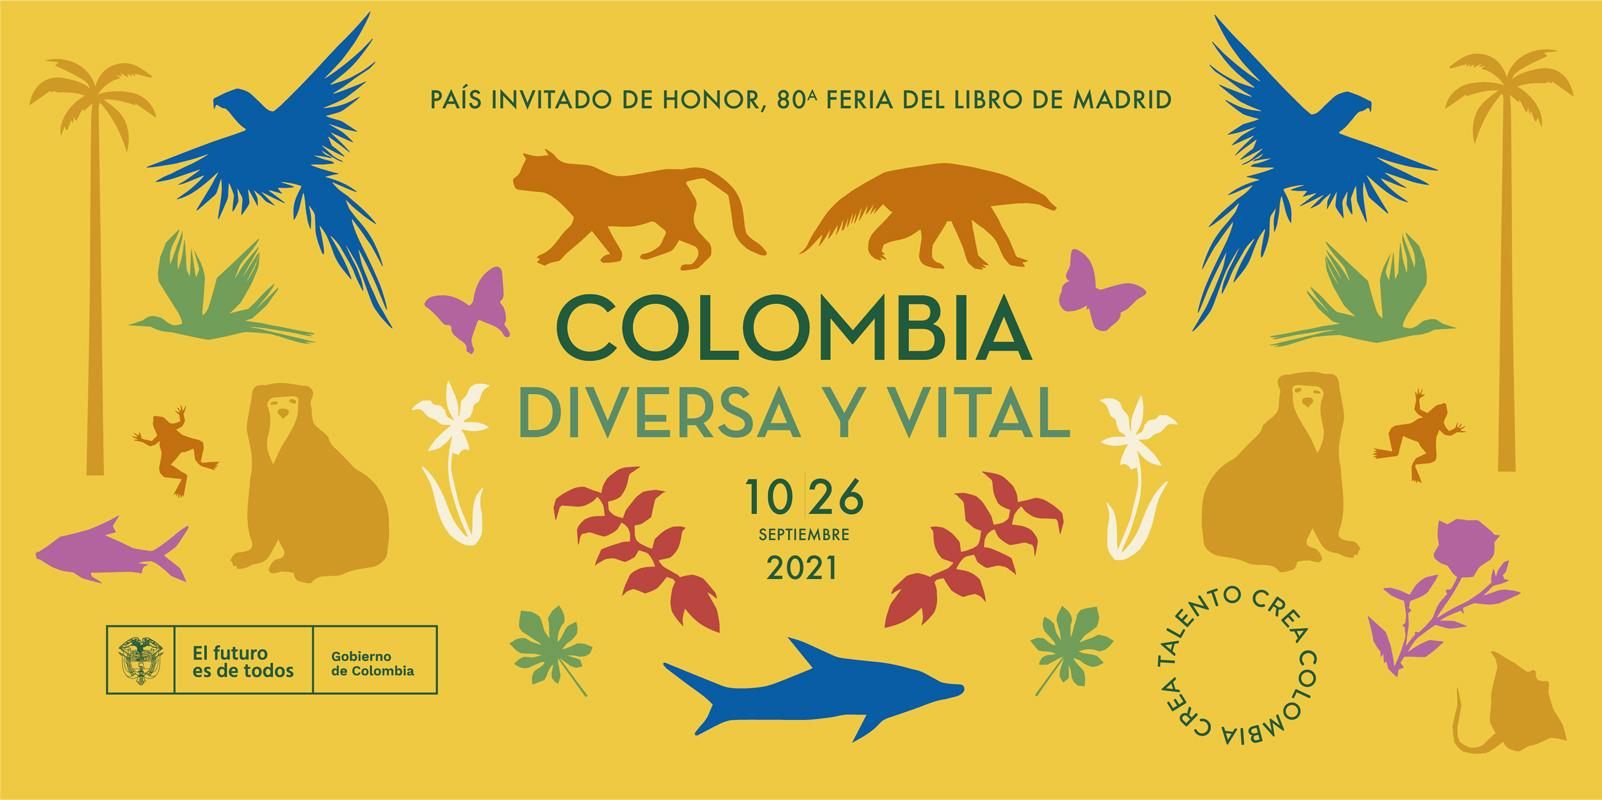 Colombia país invitado de honor de la 80ª edición de la Feria del Libro de Madrid 2021